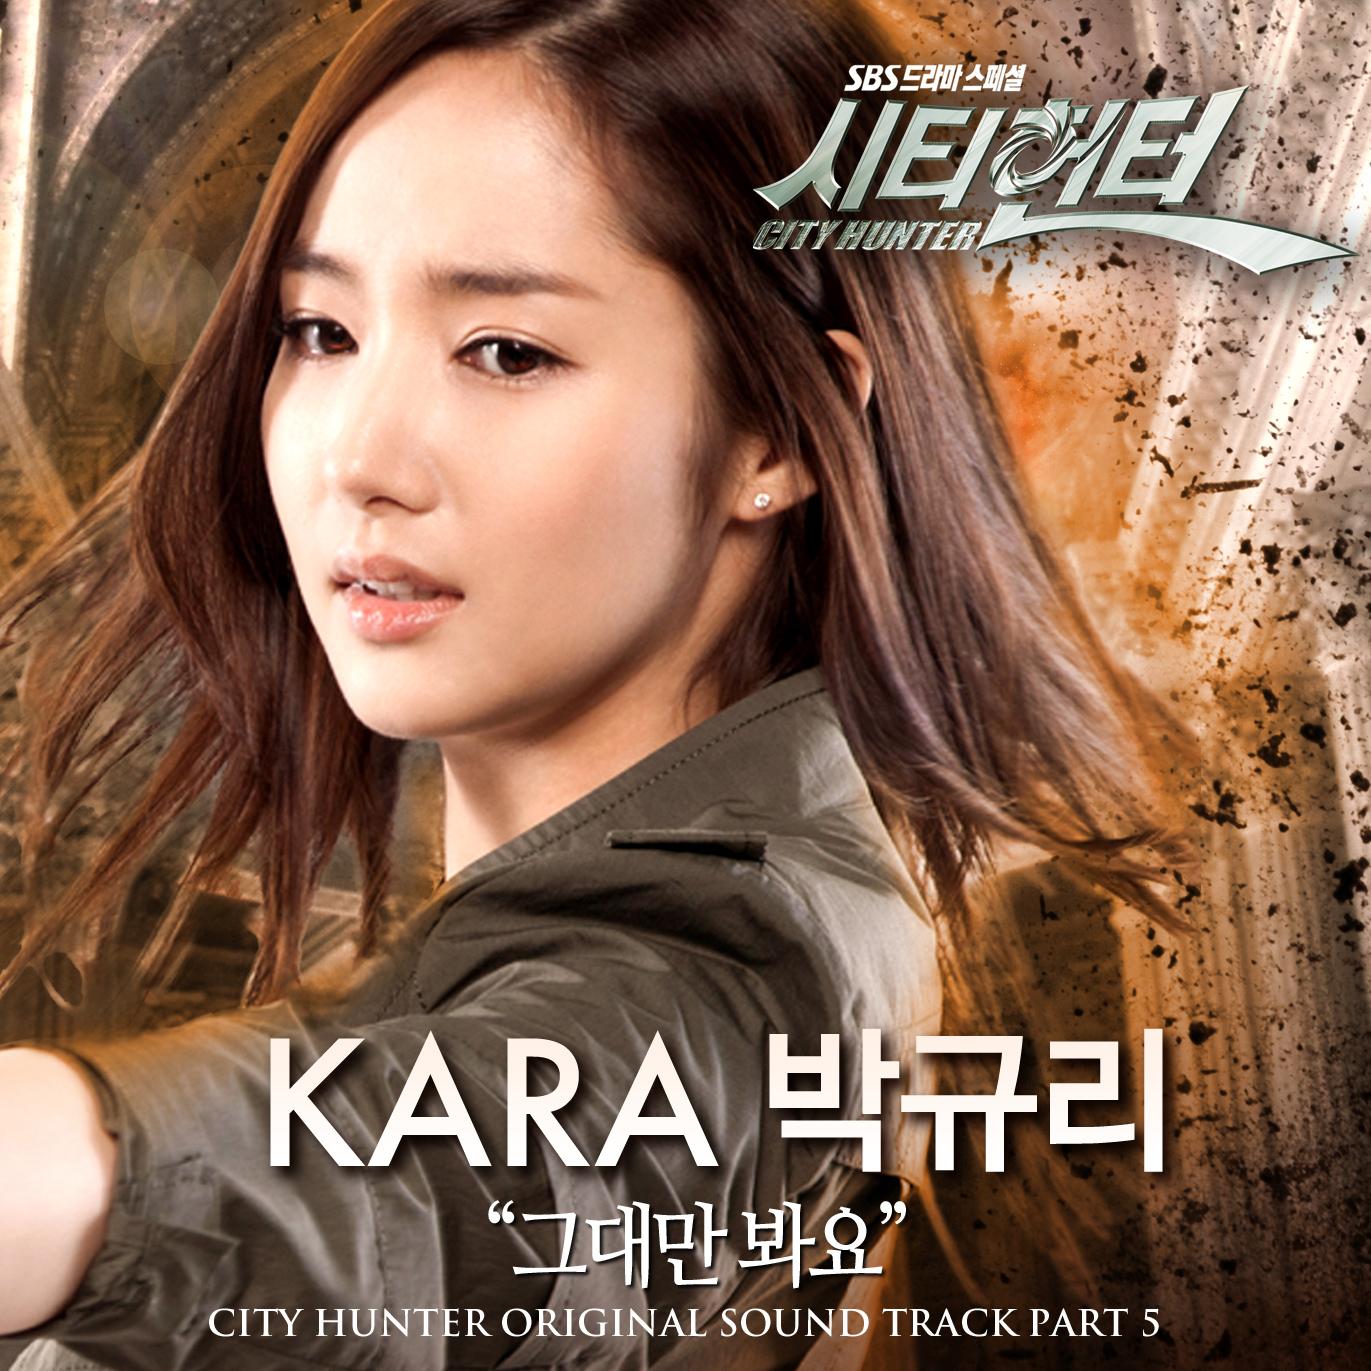 City Hunter Ost Love: OST: Lista De Canciones: City Hunter OST Part 1